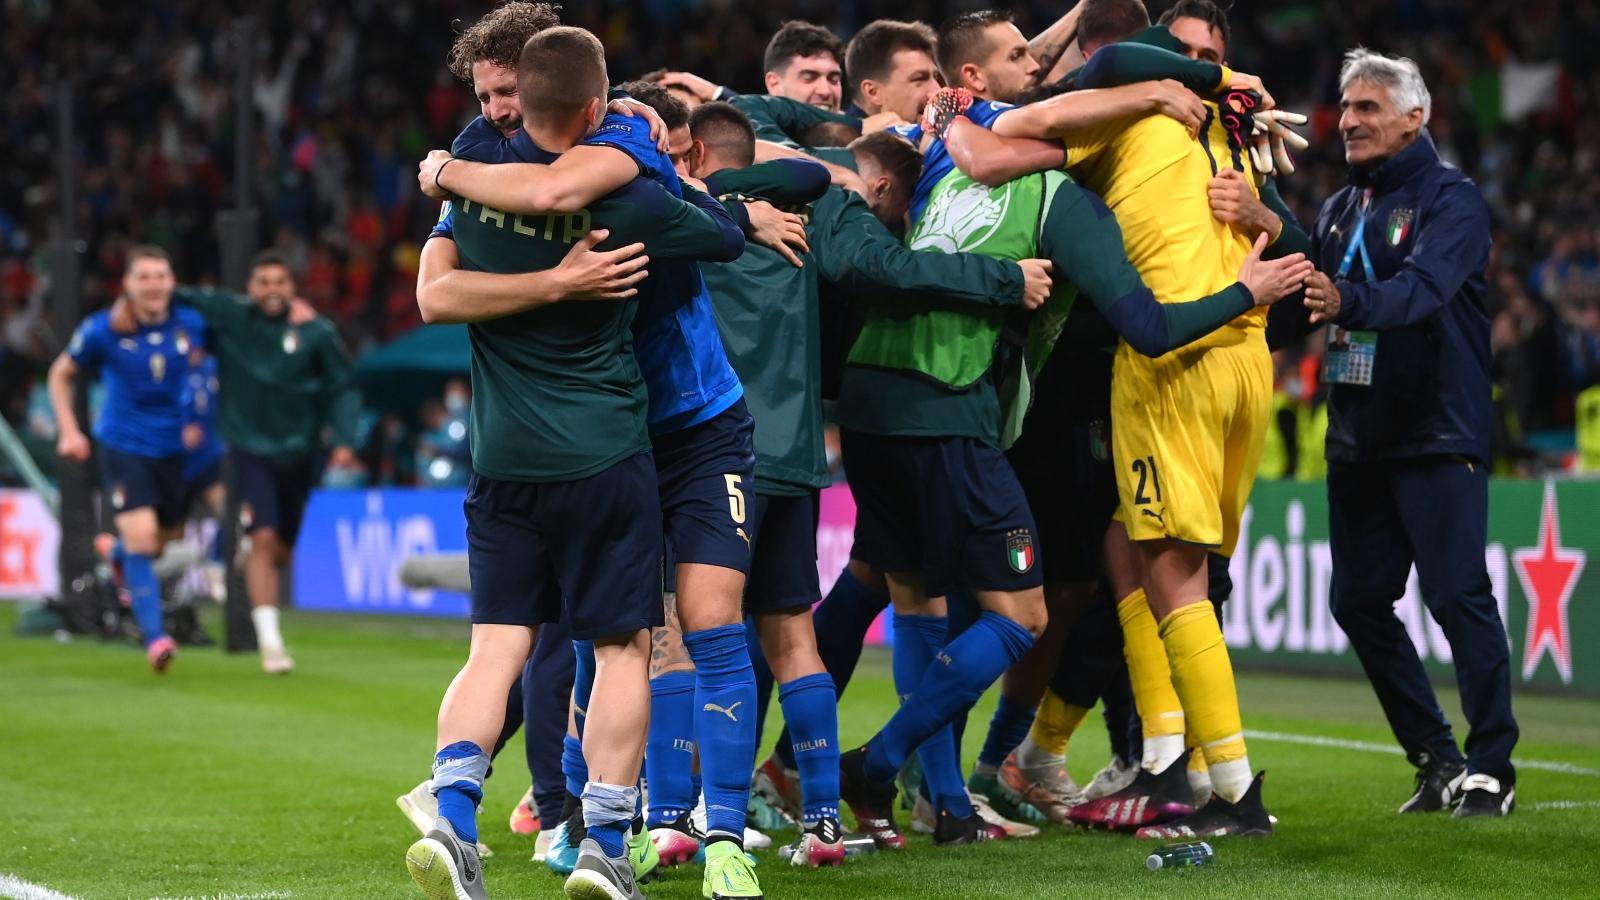 Đánh bại Tây Ban Nha trên chấm luân lưu, Italia lần thứ 4 vào chung kết EURO